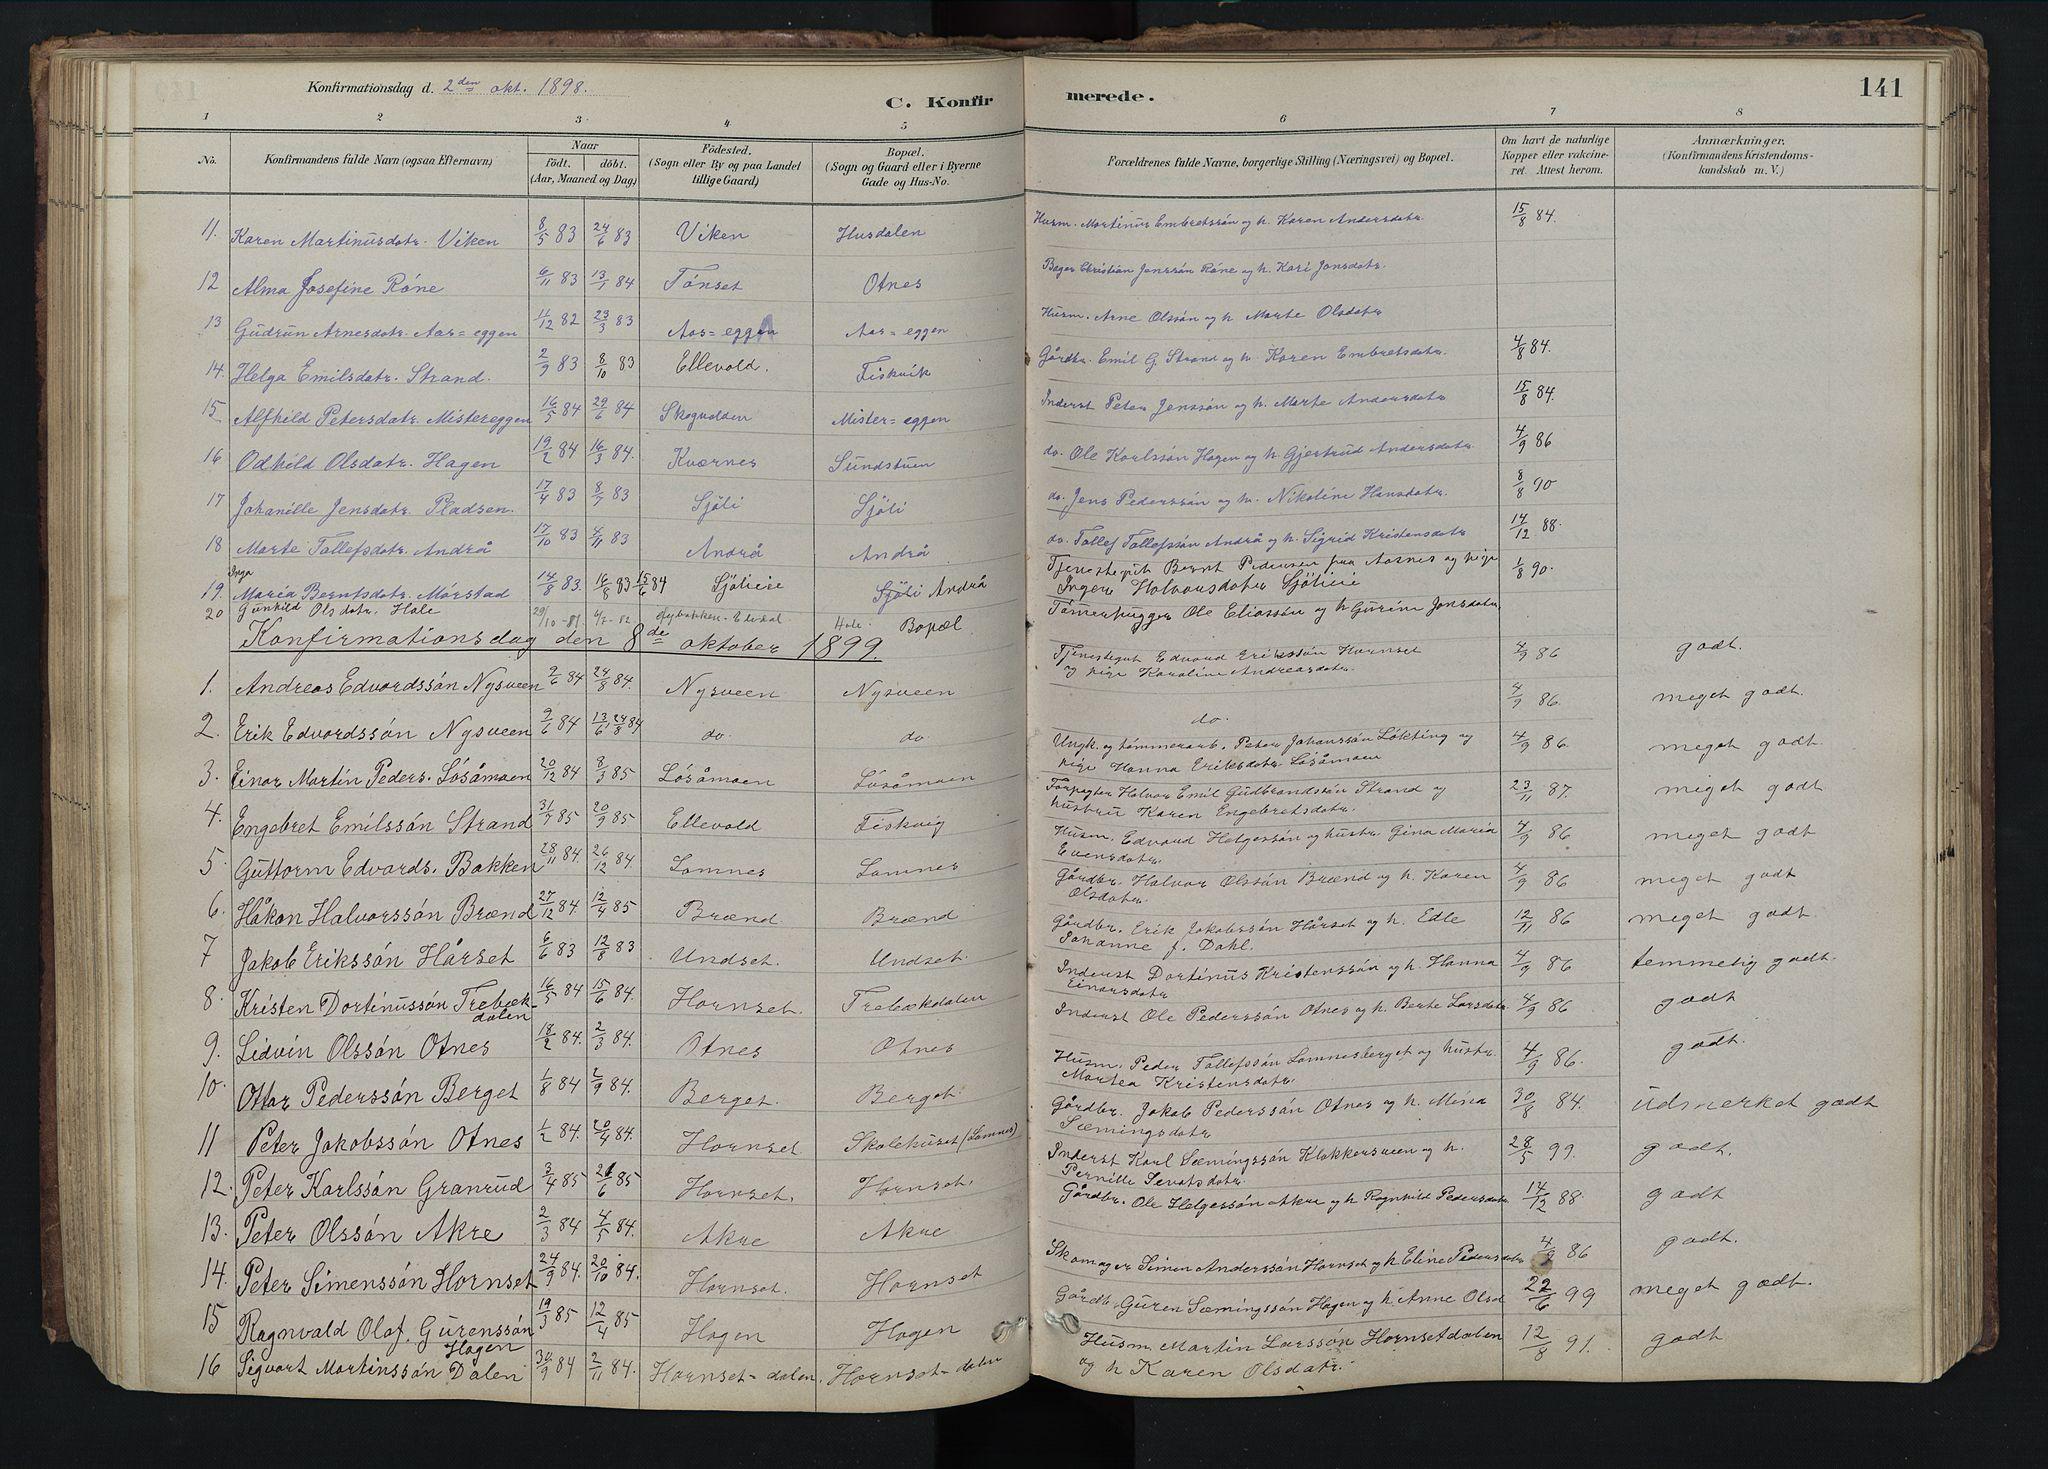 SAH, Rendalen prestekontor, H/Ha/Hab/L0009: Klokkerbok nr. 9, 1879-1902, s. 141